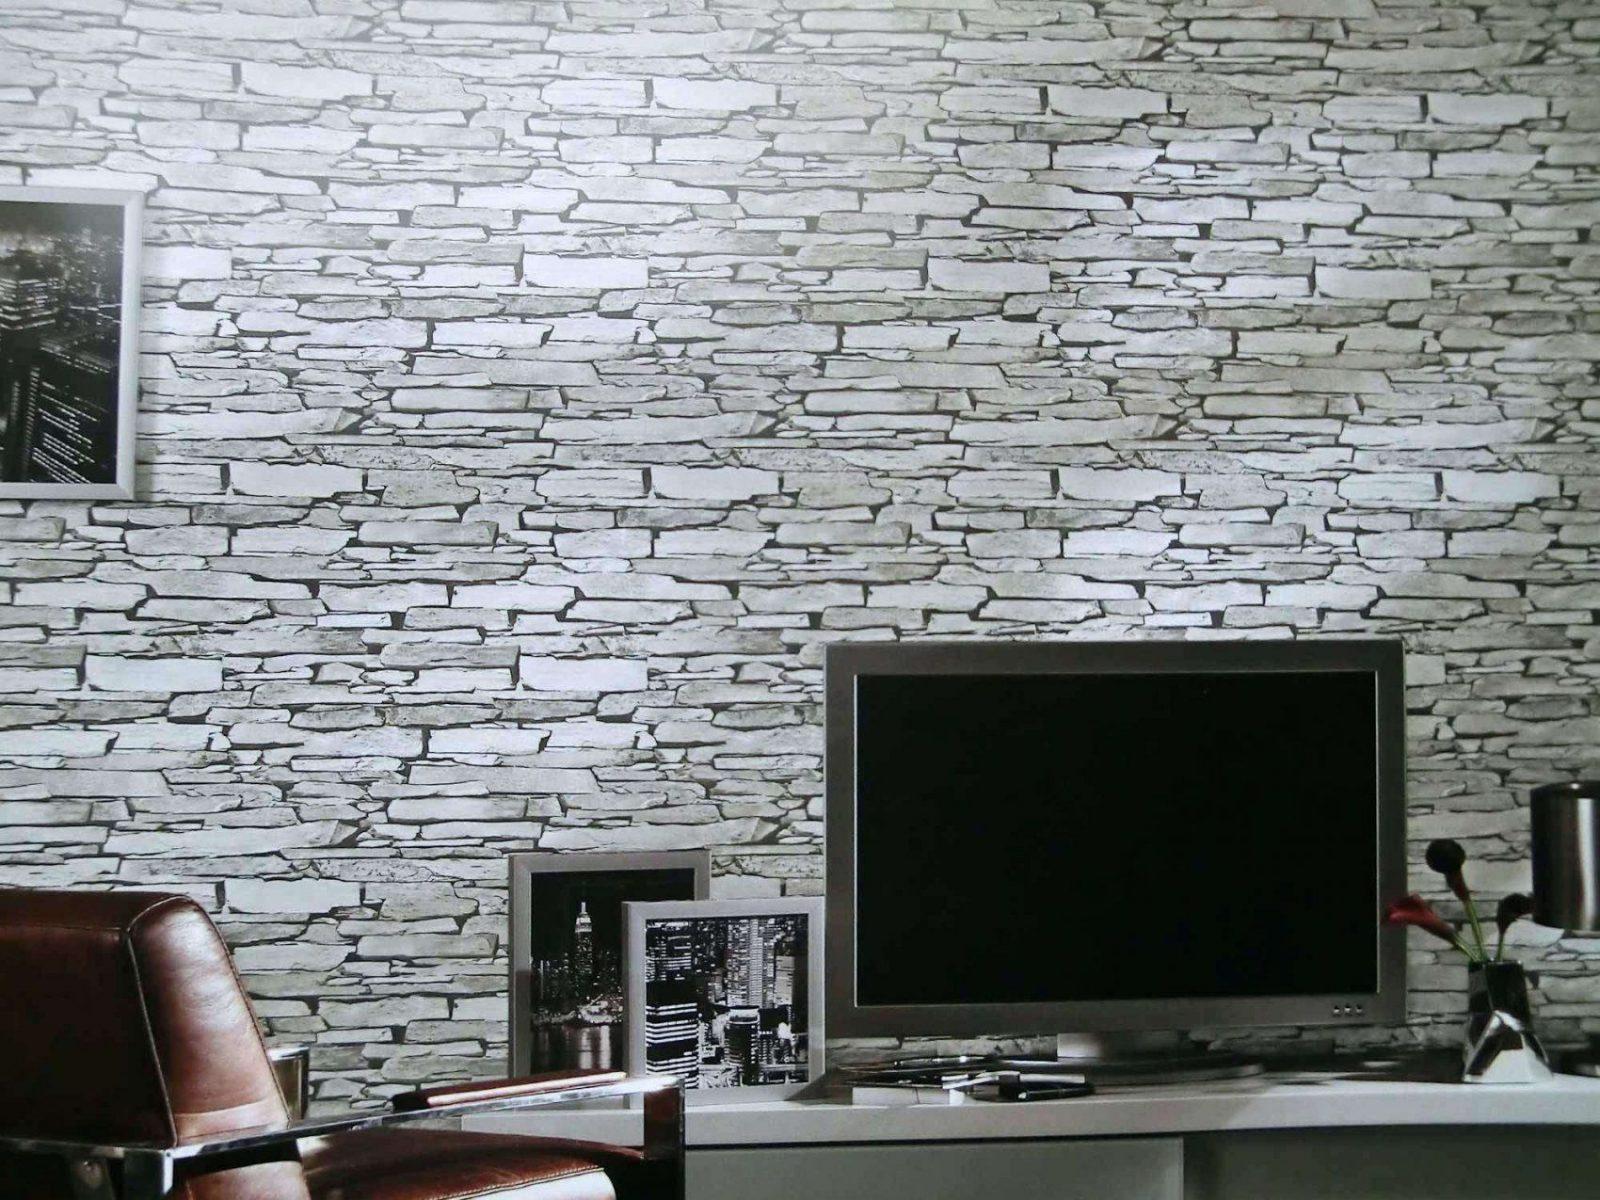 Steintapete Hell Steintapeten In 3D Optik Grau Beige Braun Design von Stein Tapete Wohnzimmer 3D Bild